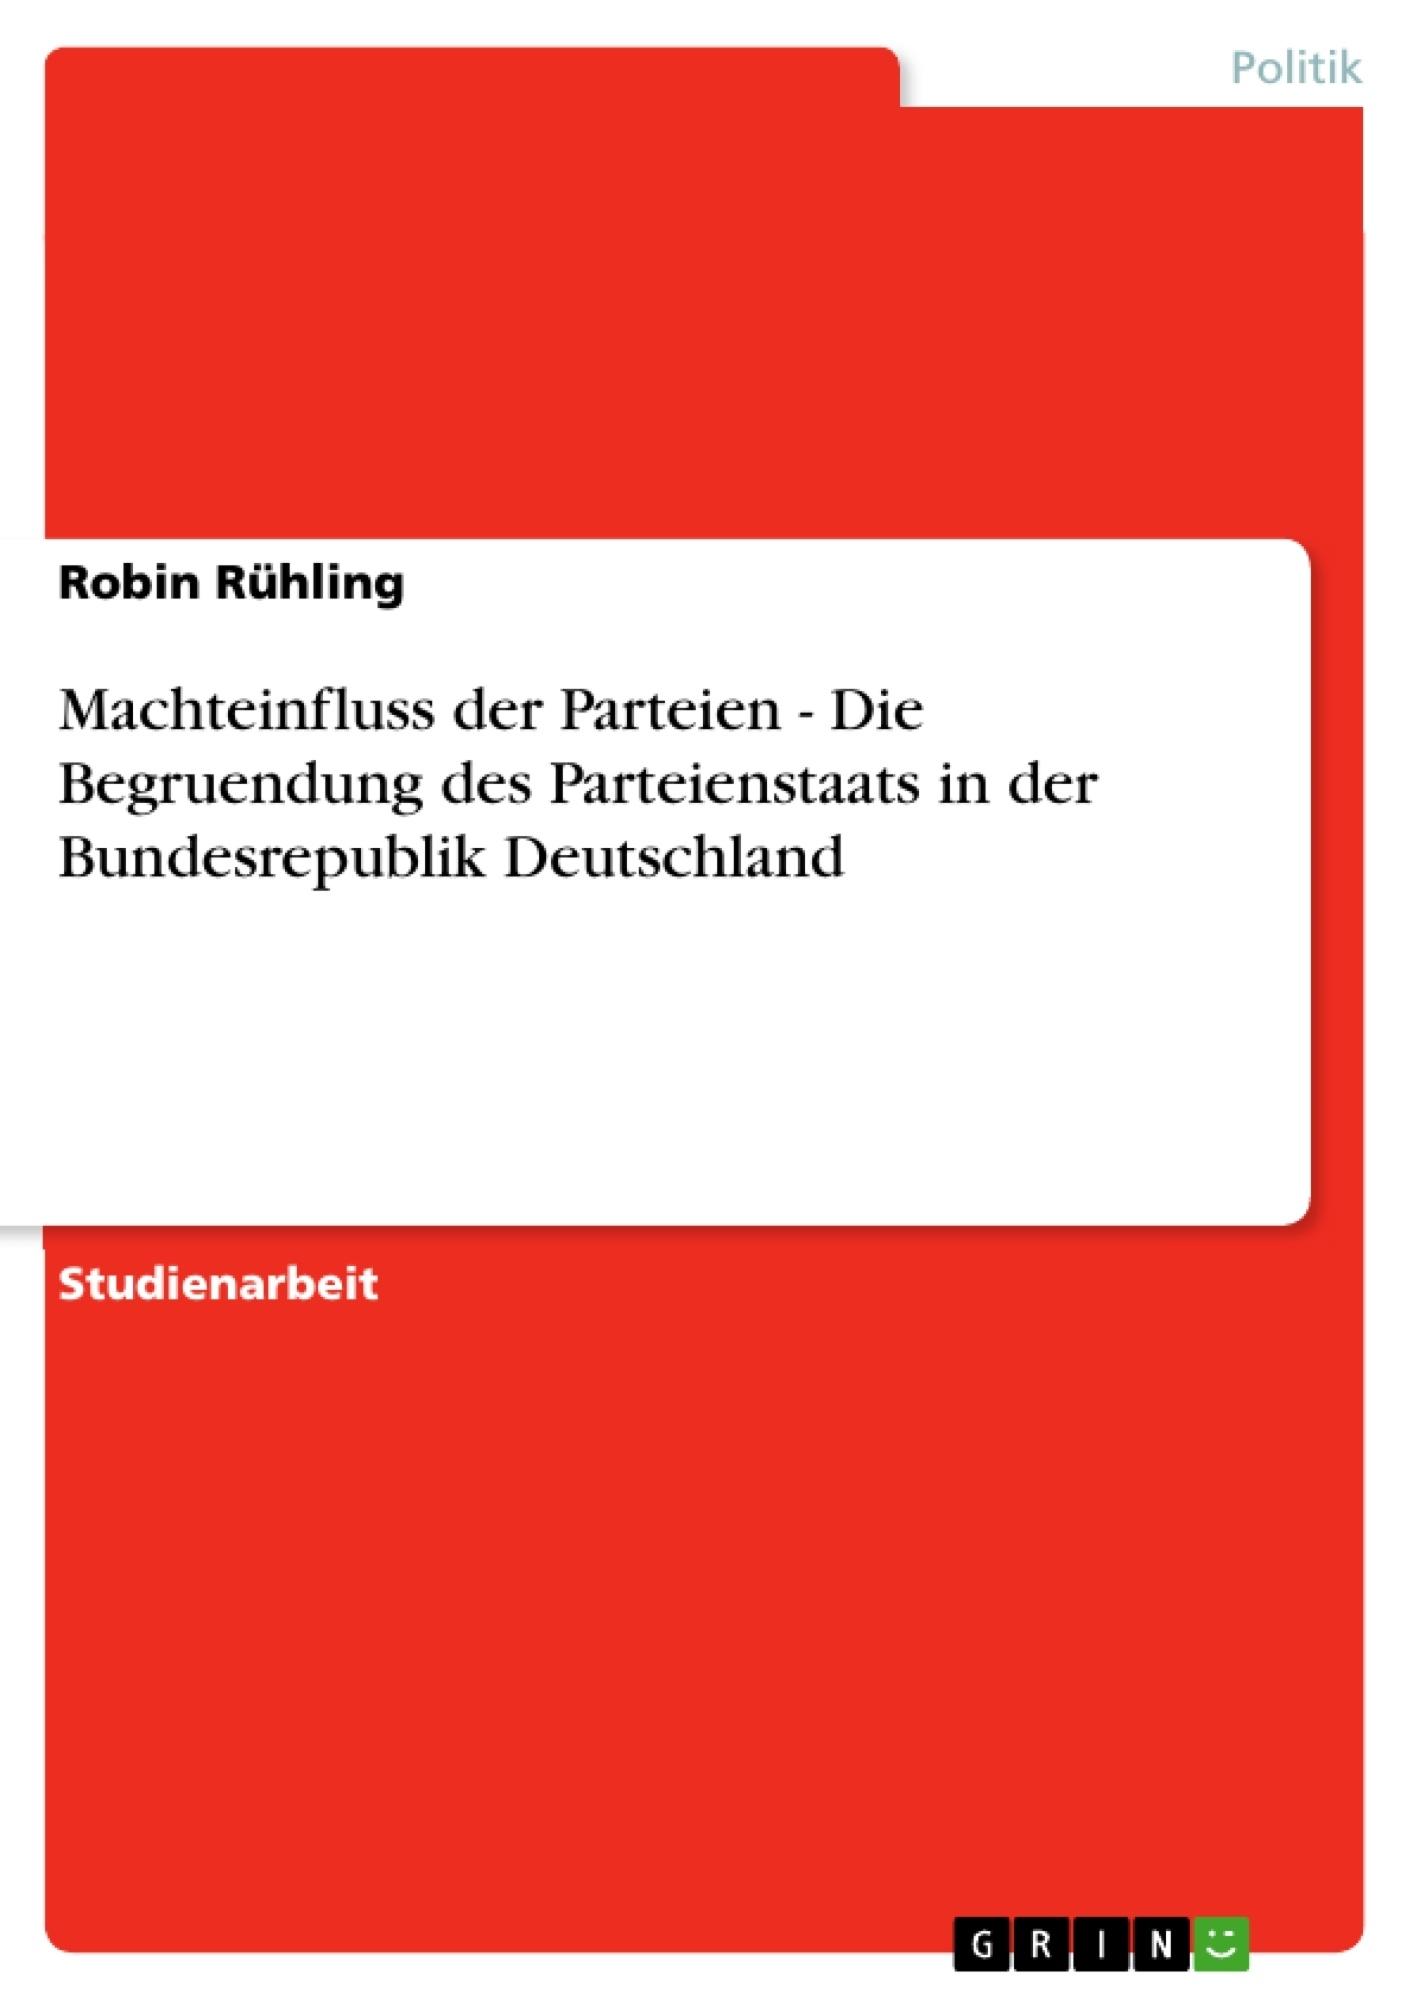 Titel: Machteinfluss der Parteien - Die Begruendung des Parteienstaats in der Bundesrepublik Deutschland